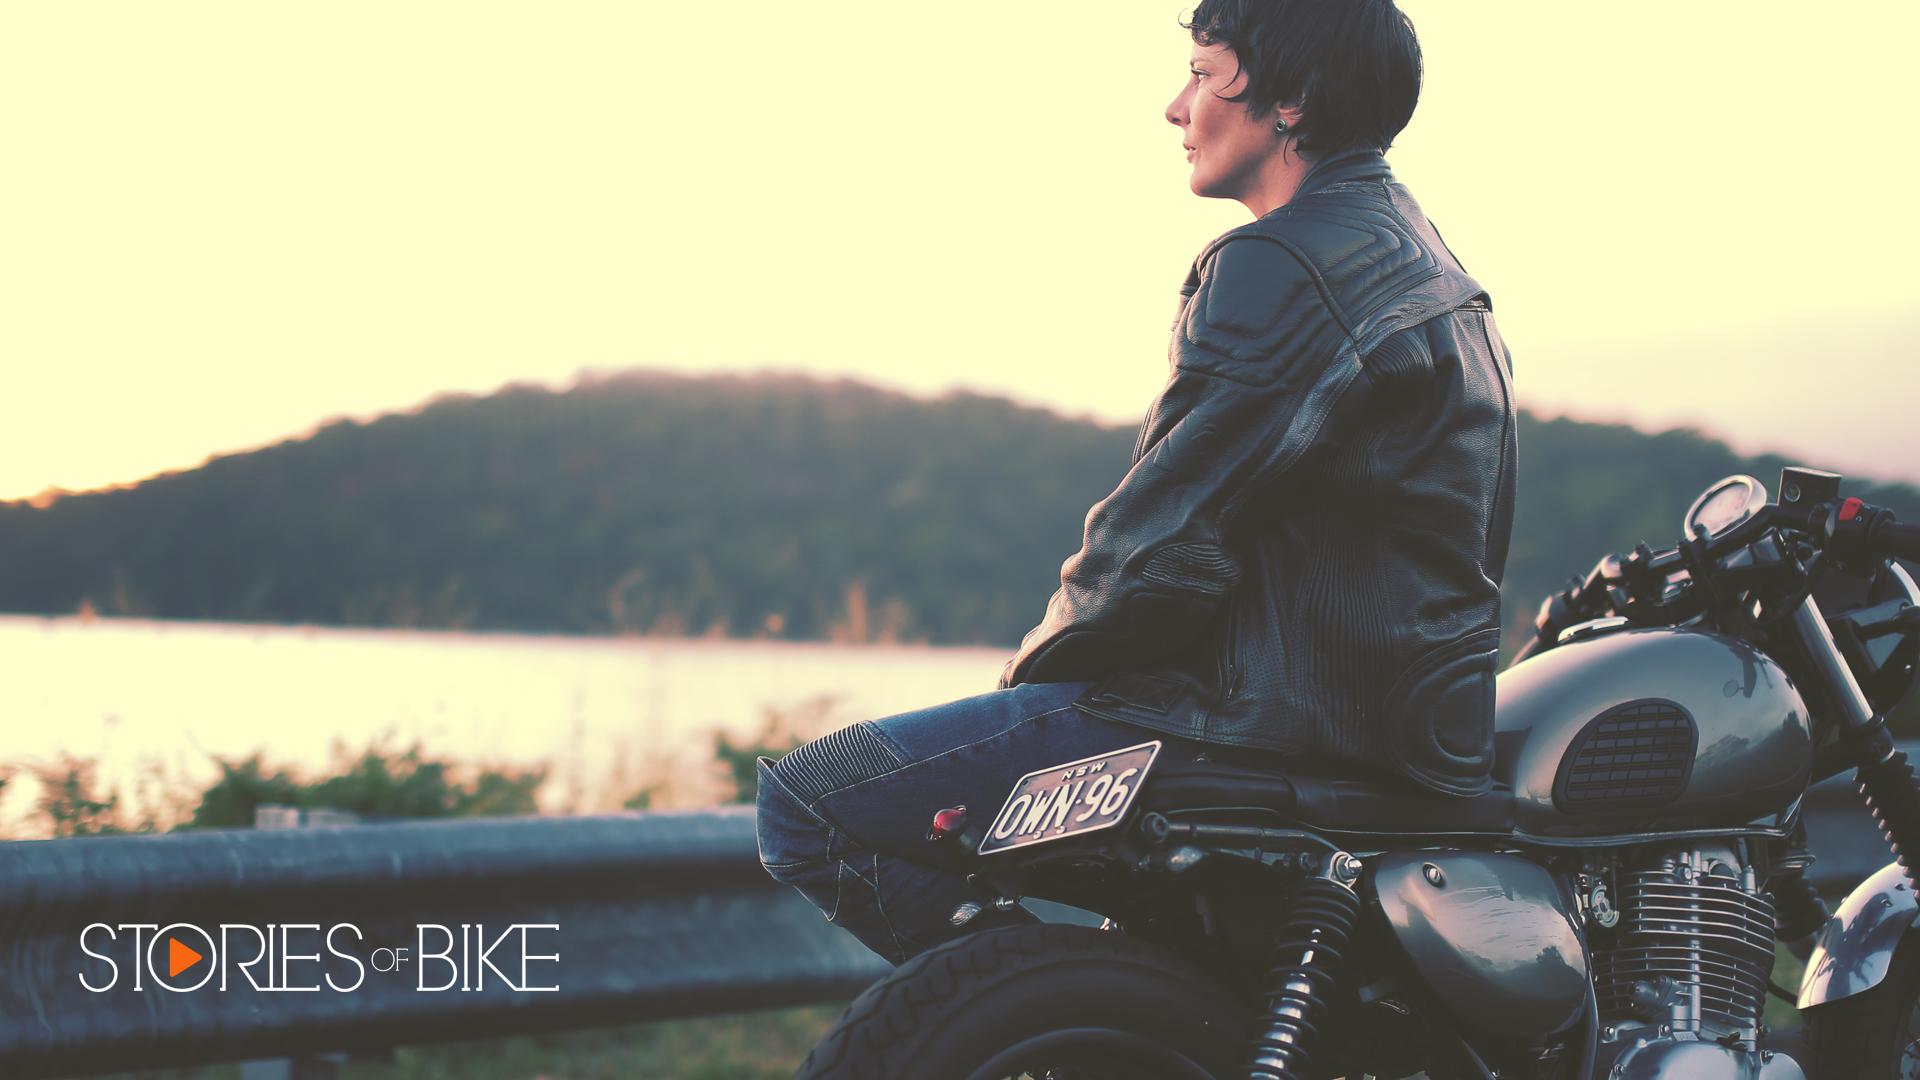 Stories_of_Bike_Ep10_10.jpg